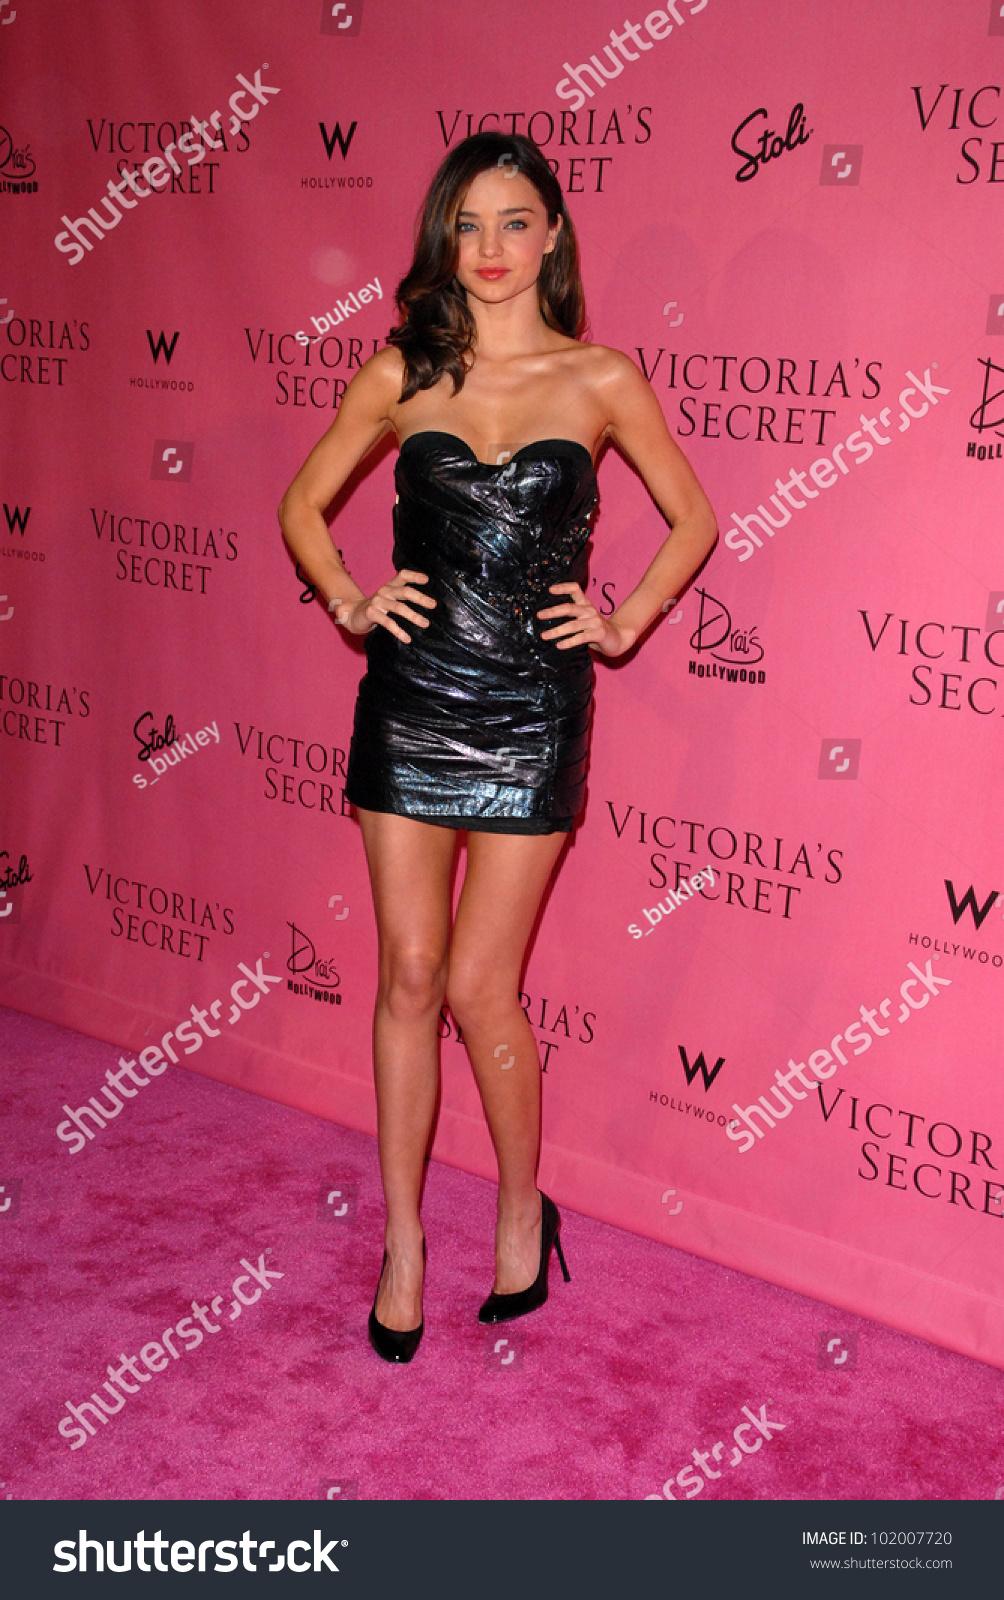 e18edd7afb Miranda Kerr at the Victoria s Secret Supermodels Celebrate the Reveal of  the 2010